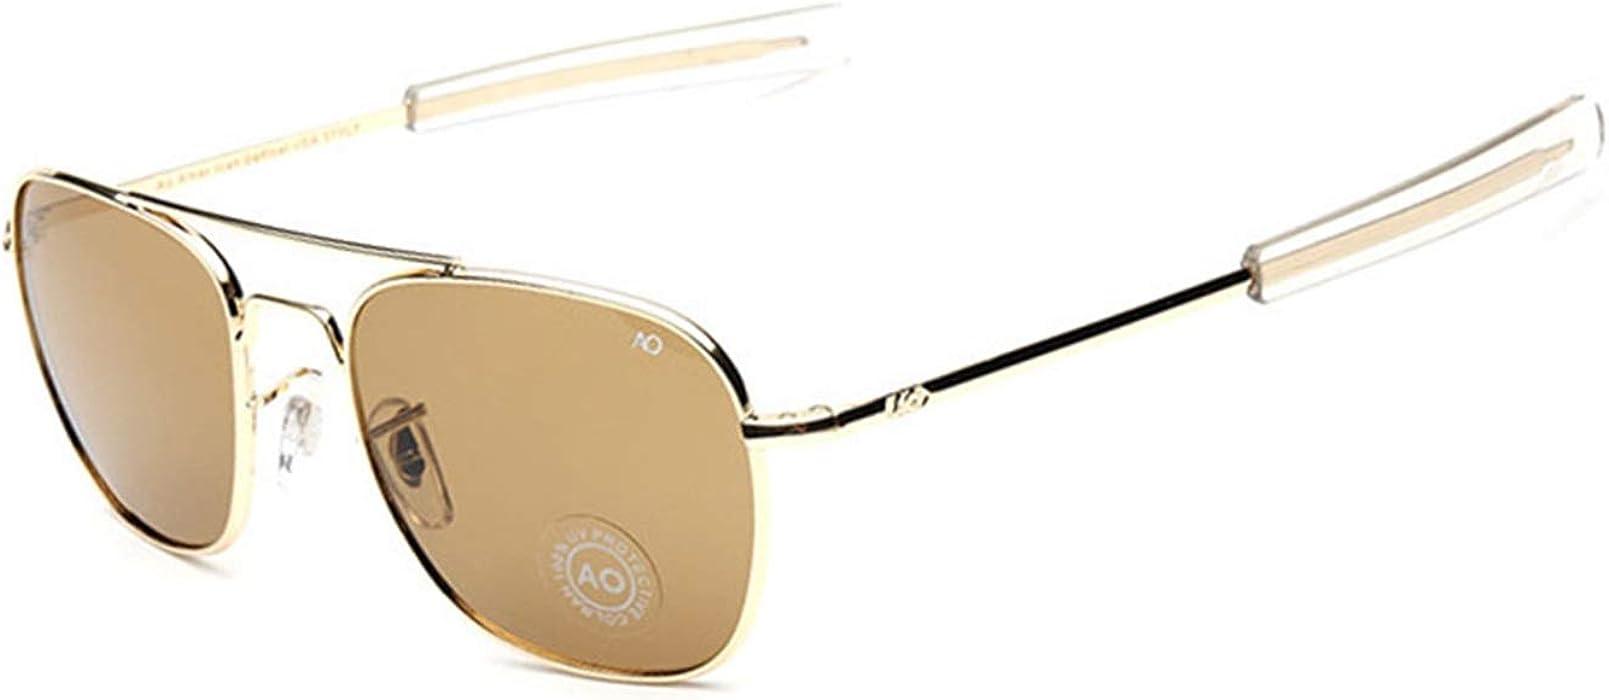 Gafas, Gafas de sol, NEW Fashion Army MILITARY AO Pilot ...